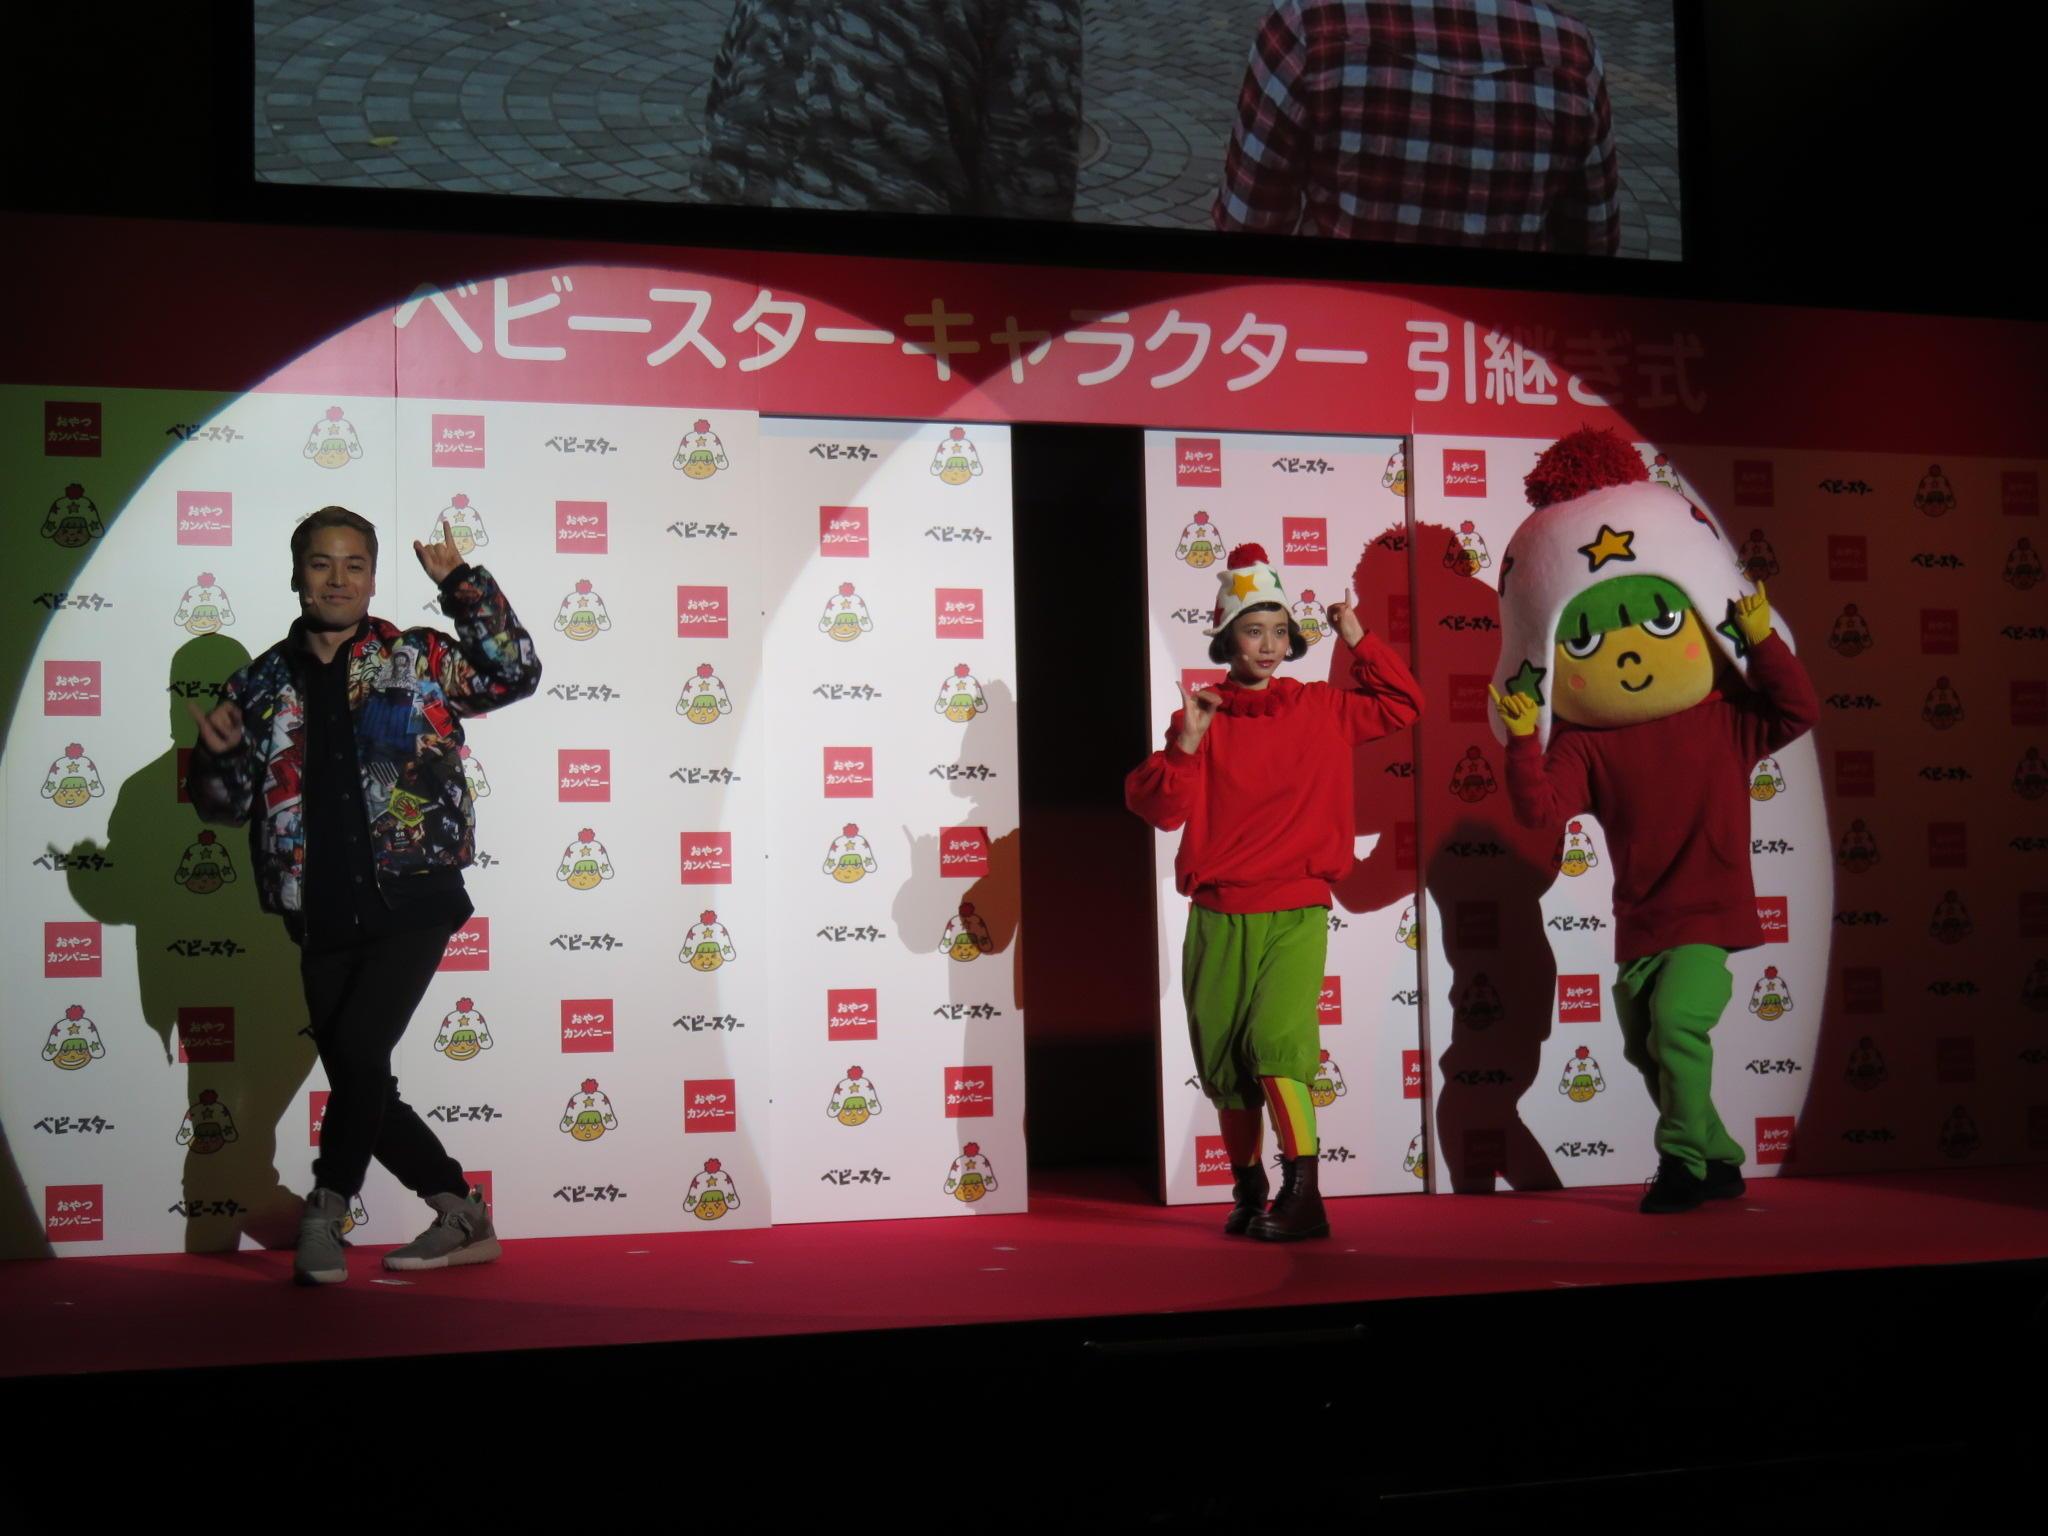 http://news.yoshimoto.co.jp/20170131185954-9d607c1a23e5184cb2917b1dfd17faa1bdeb6181.jpg